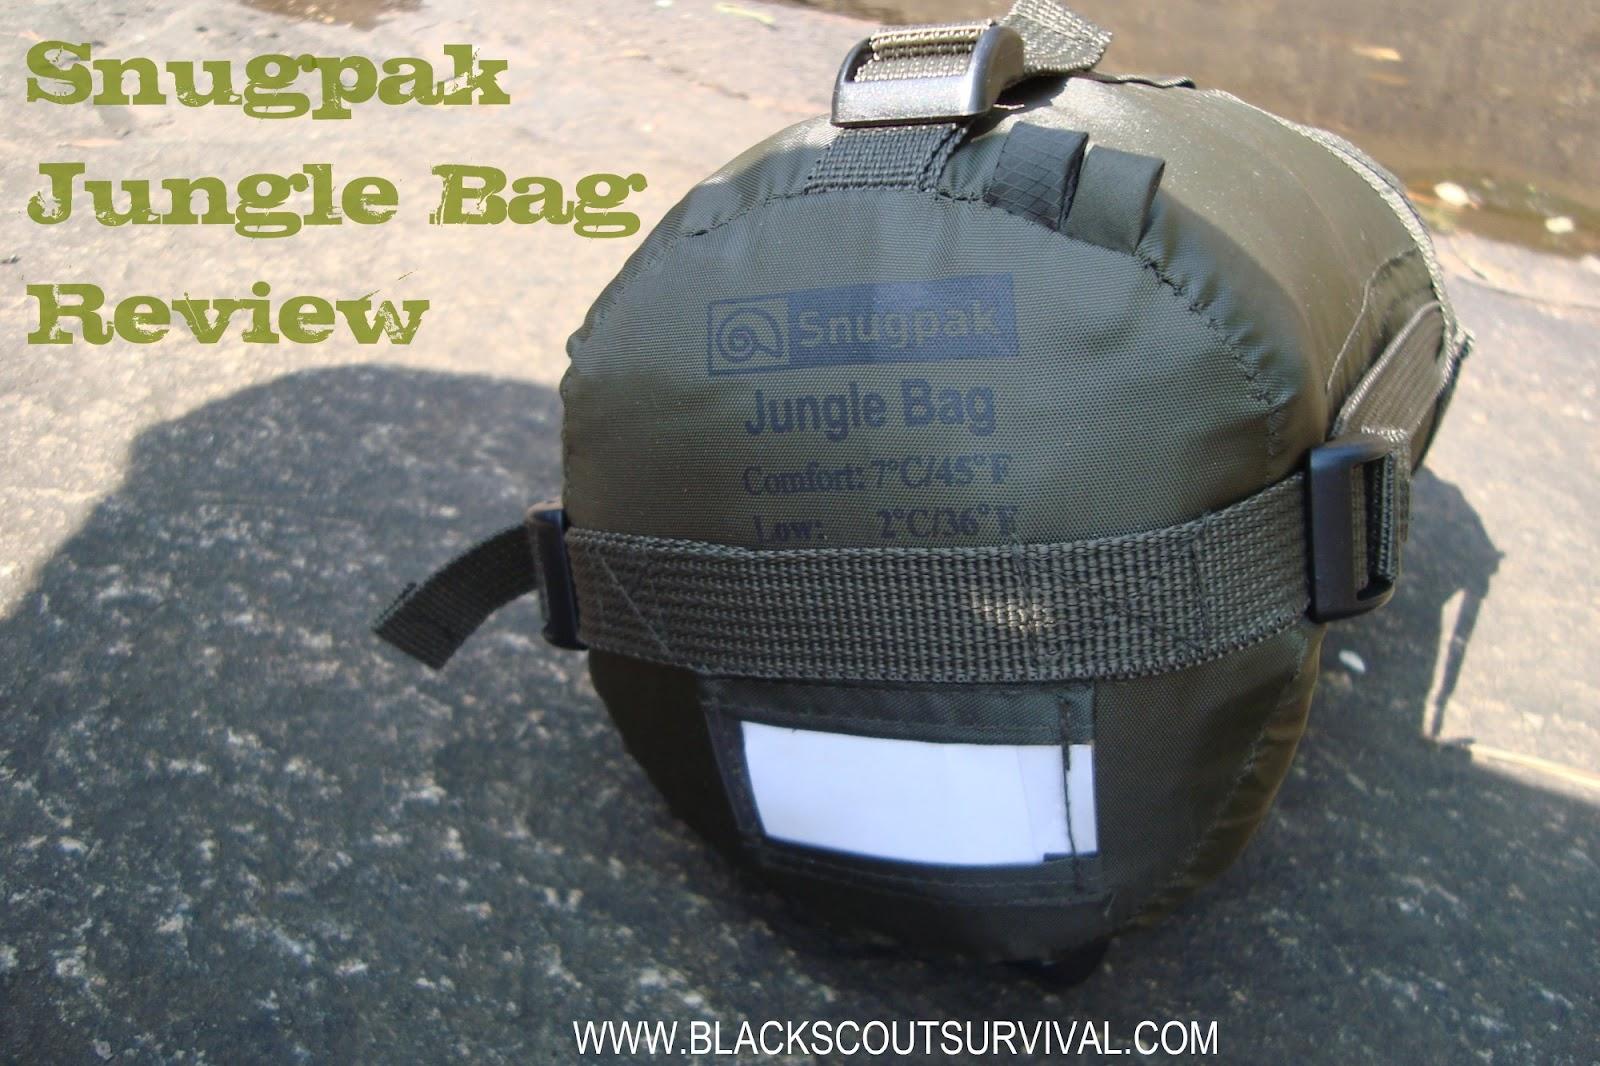 Black Scout Survival Snugpak Jungle Bag Review